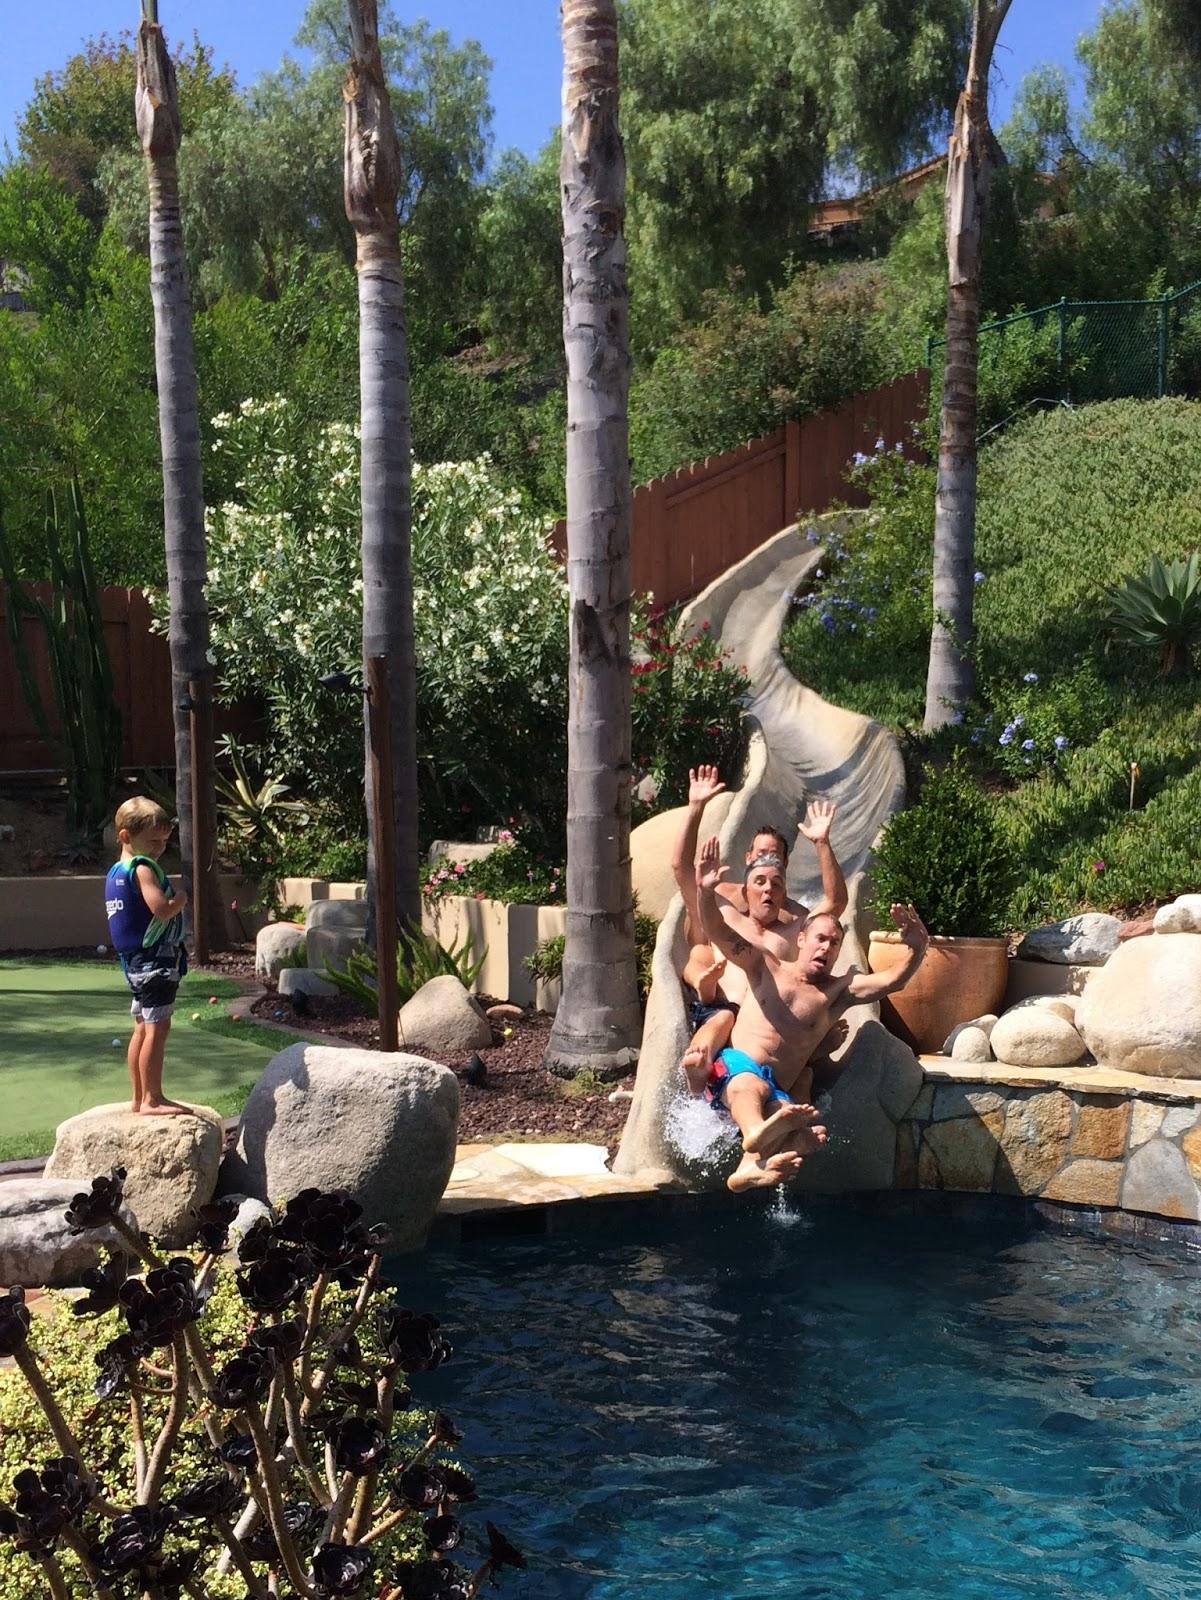 Pool Slide Care and Repair